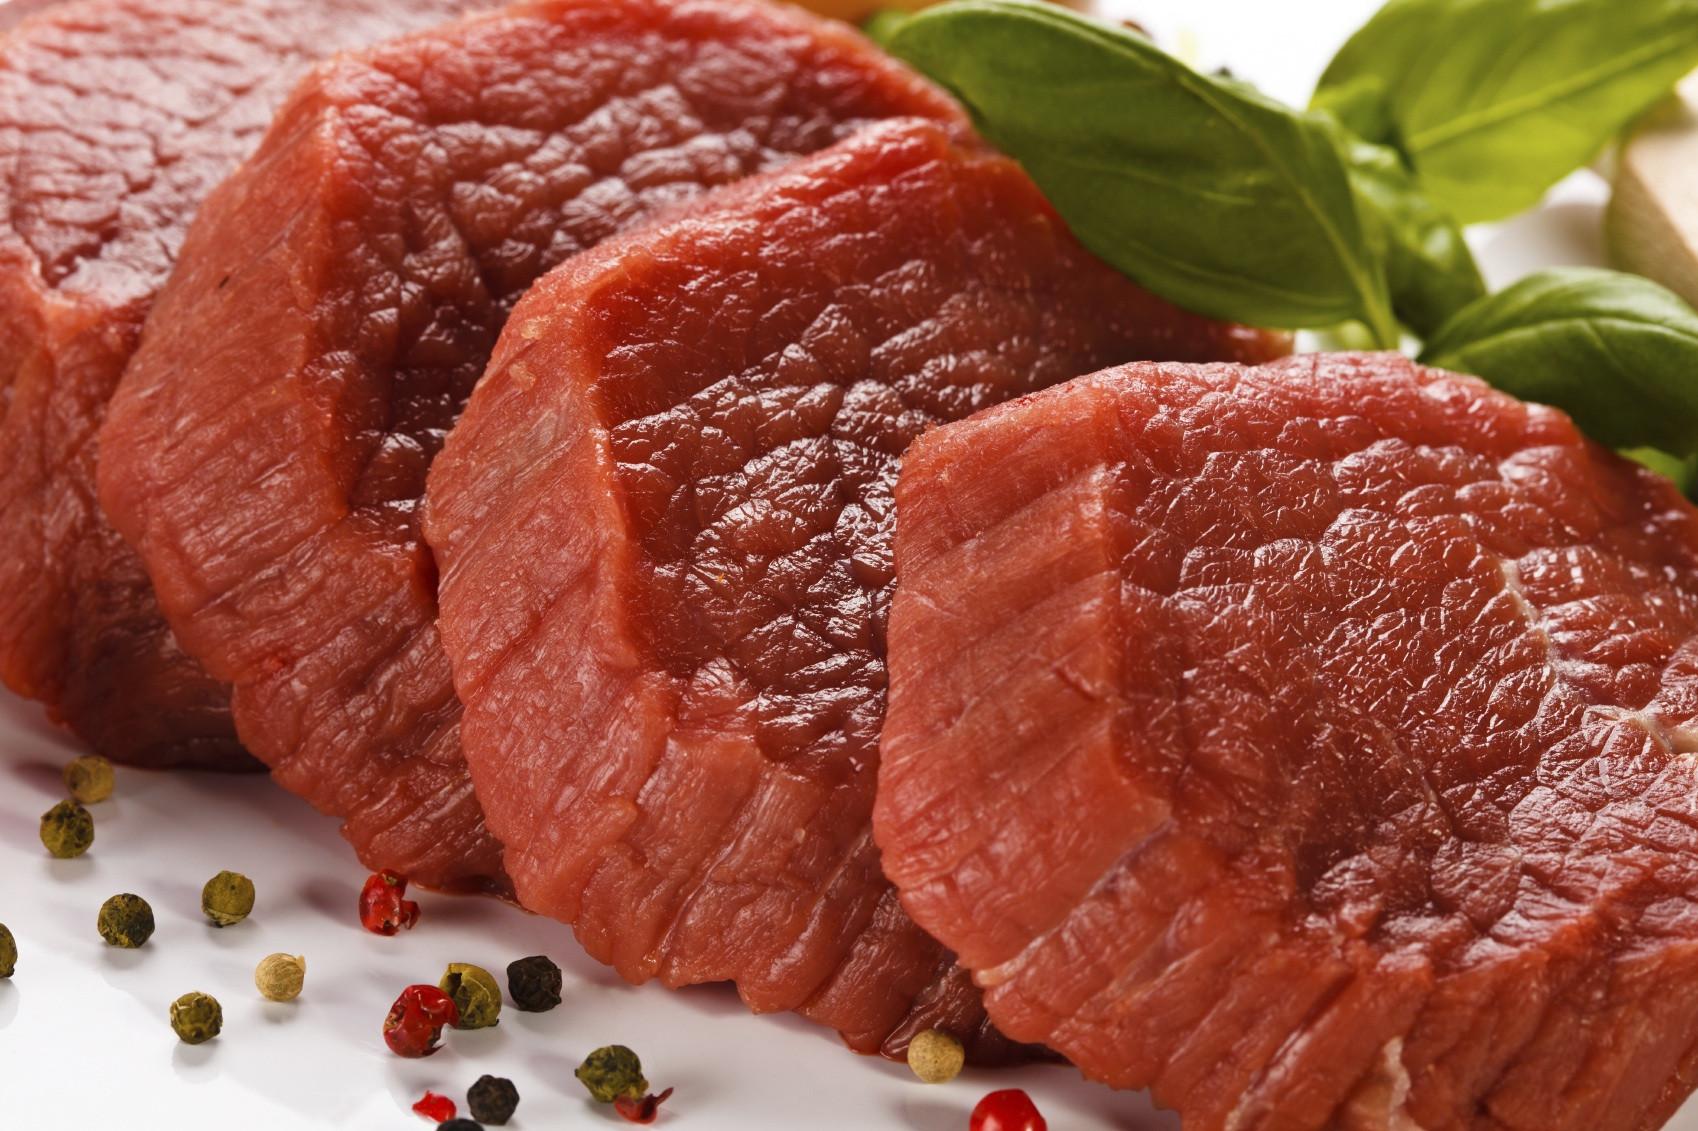 Употребление красного мяса способствует развитию подагры— Ученые